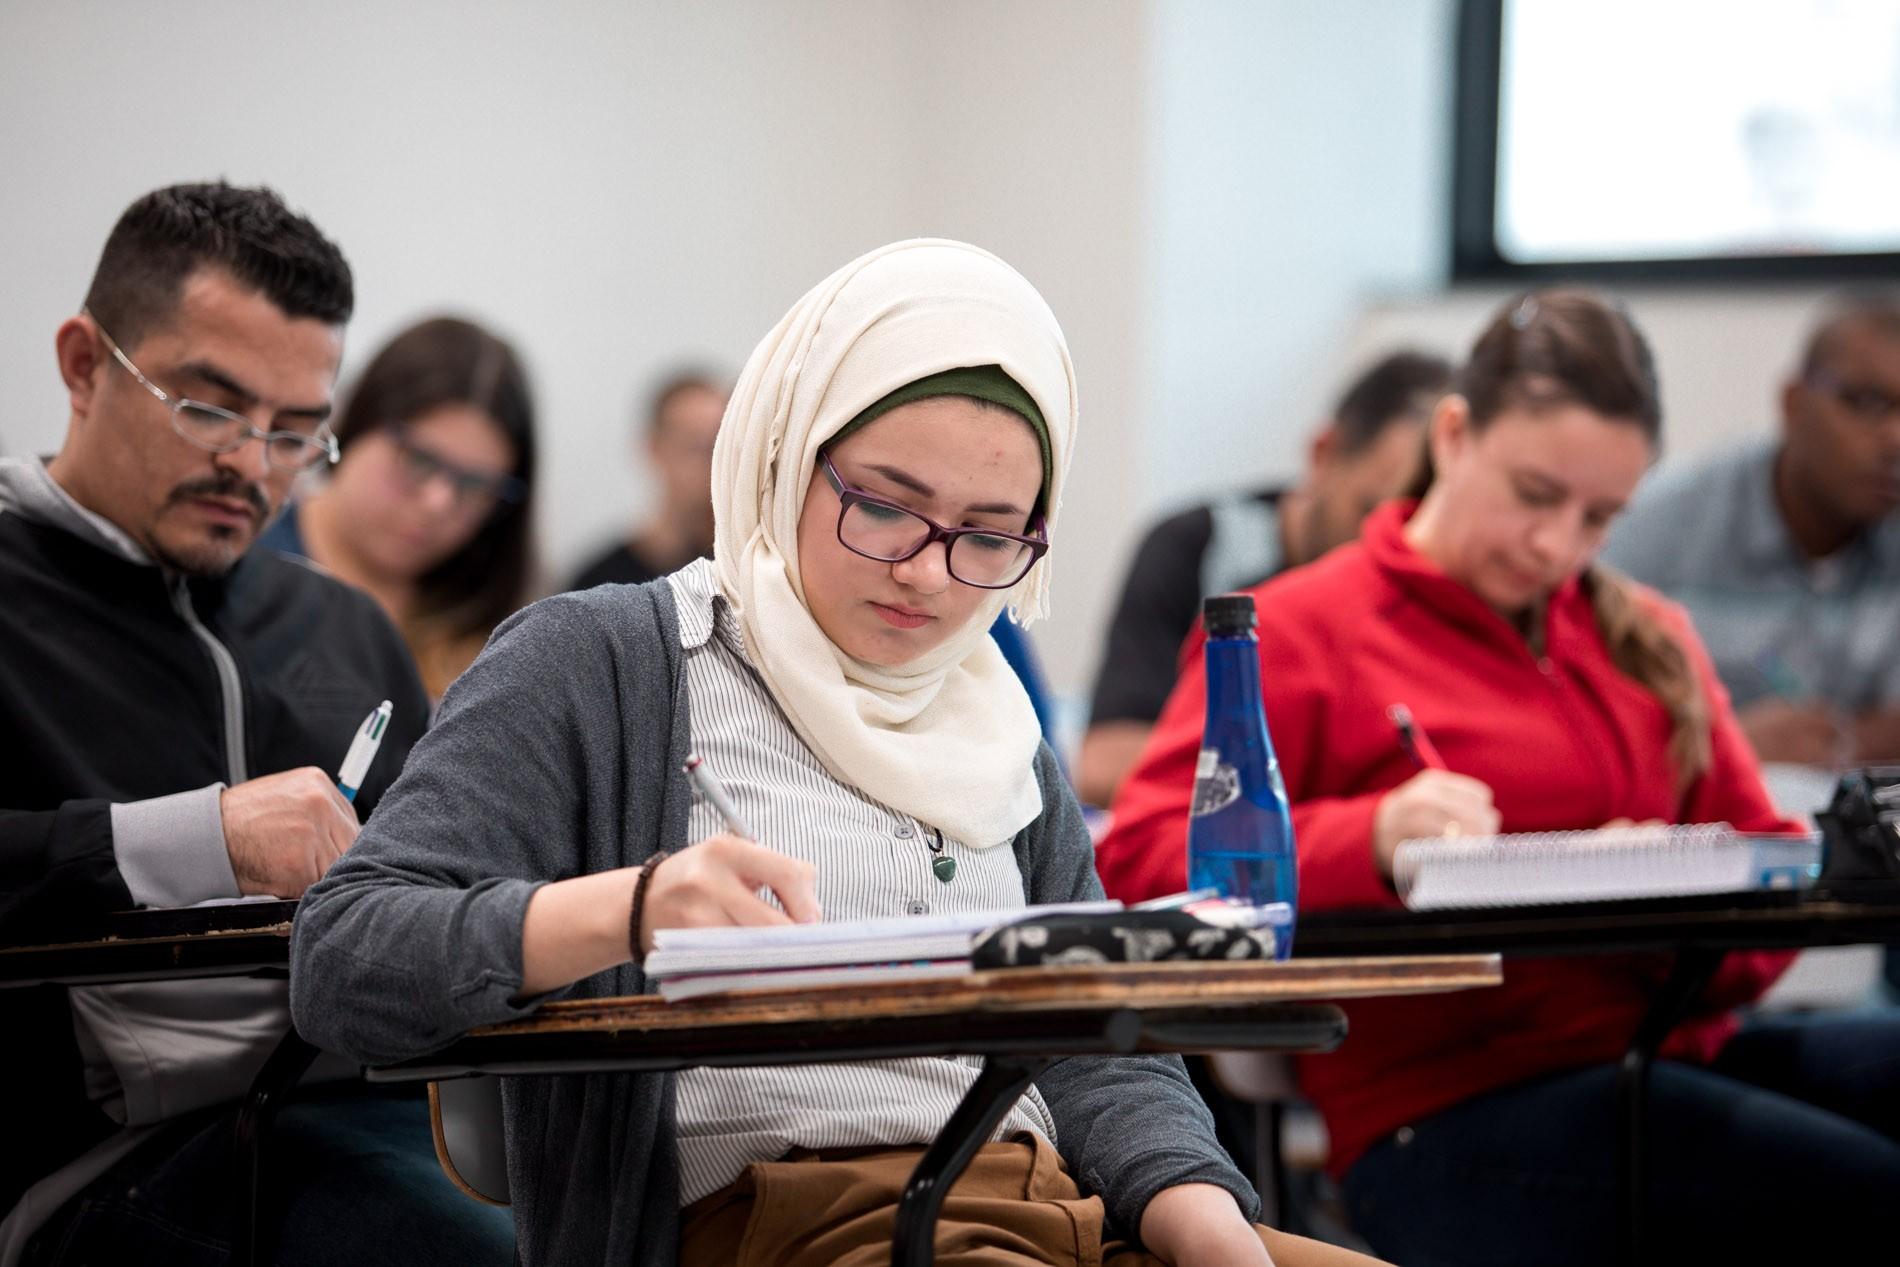 Universidades brasileiras matricularam cerca de 70 refugiados em menos de um ano, diz Acnur